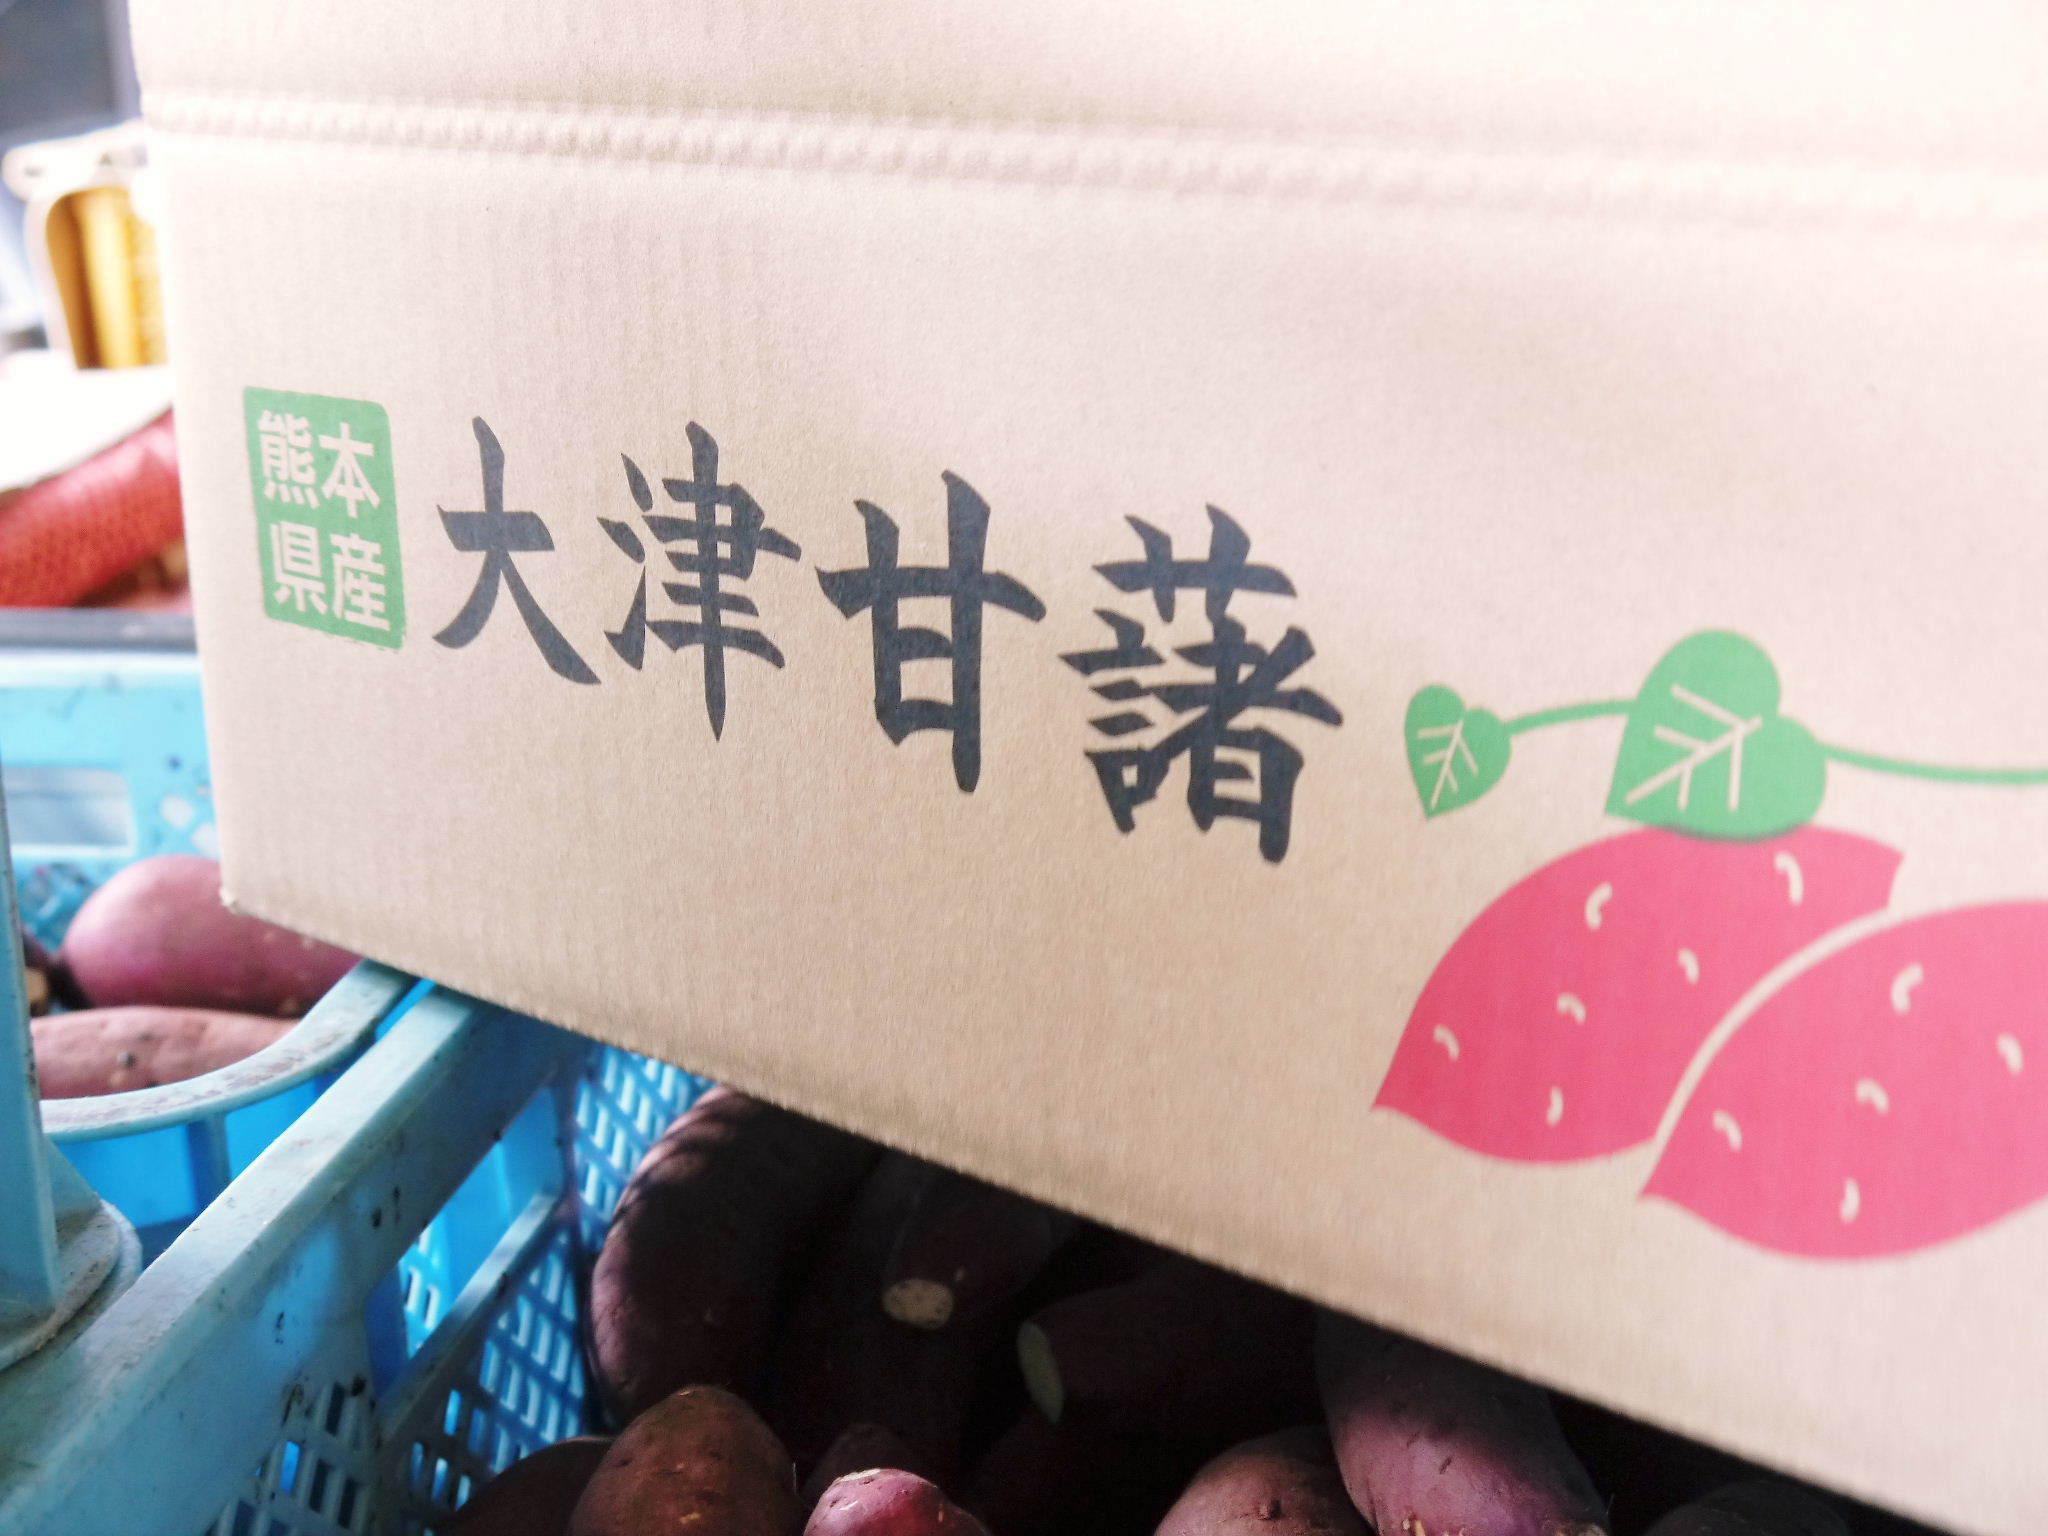 熊本産大津甘藷『からいも(サツマイモ)』の販売に向け、生産農家を現地取材(前編)_a0254656_17352044.jpg